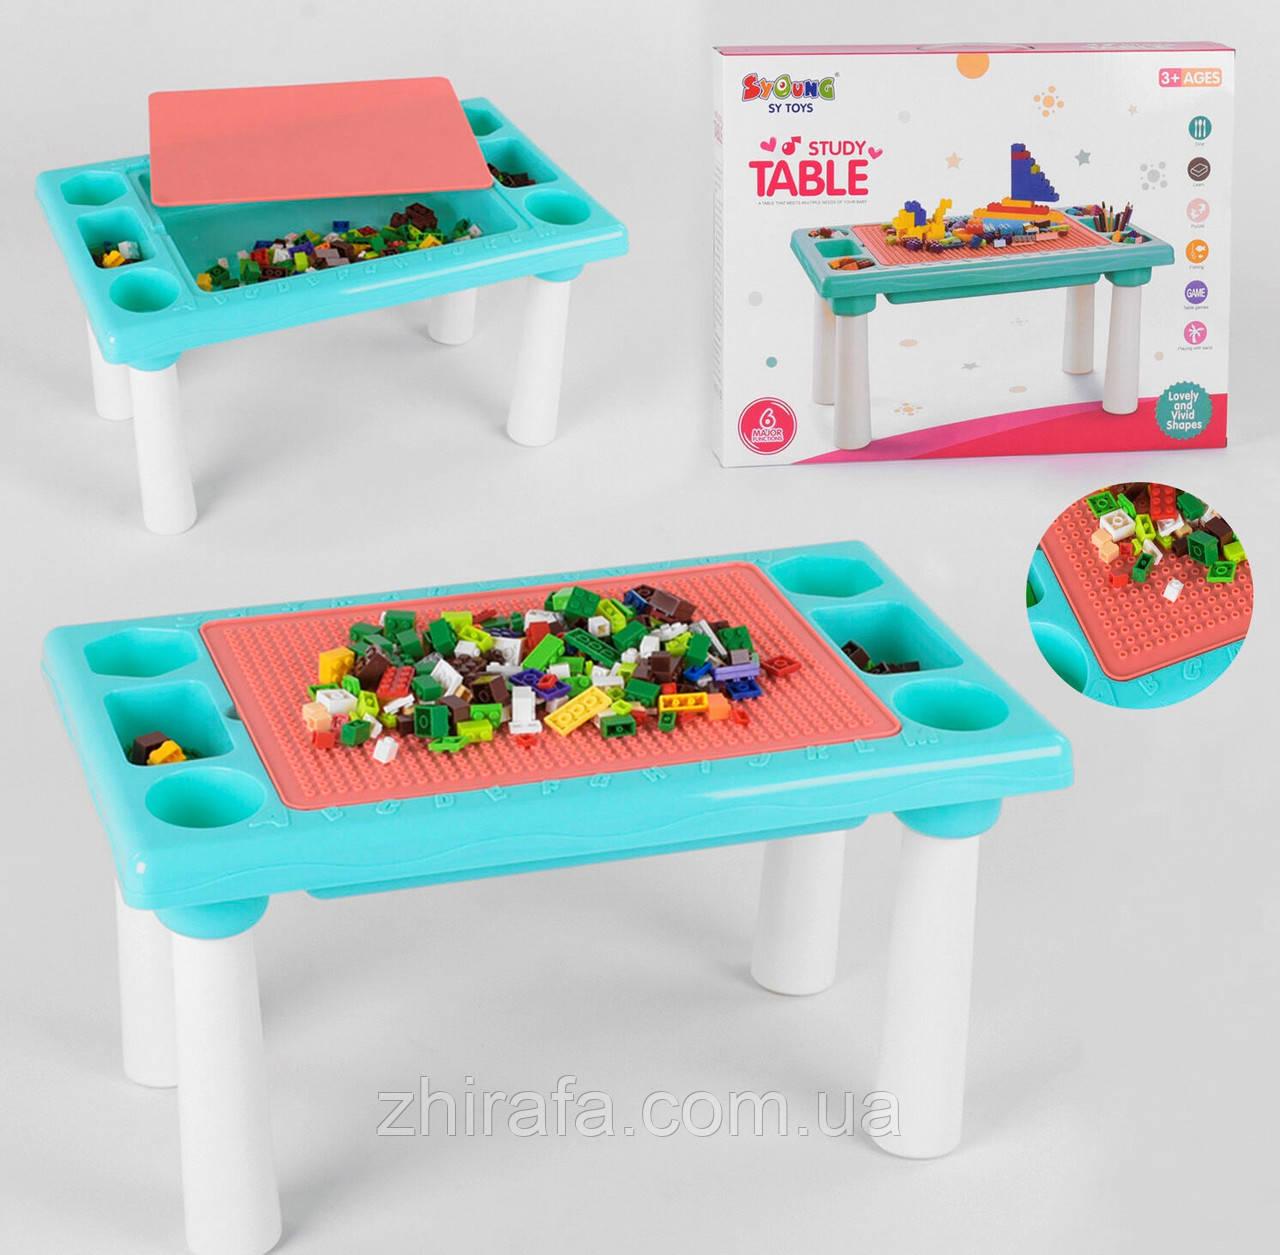 Развивающий столик с конструктором Игры с лего, песком 300 деталей